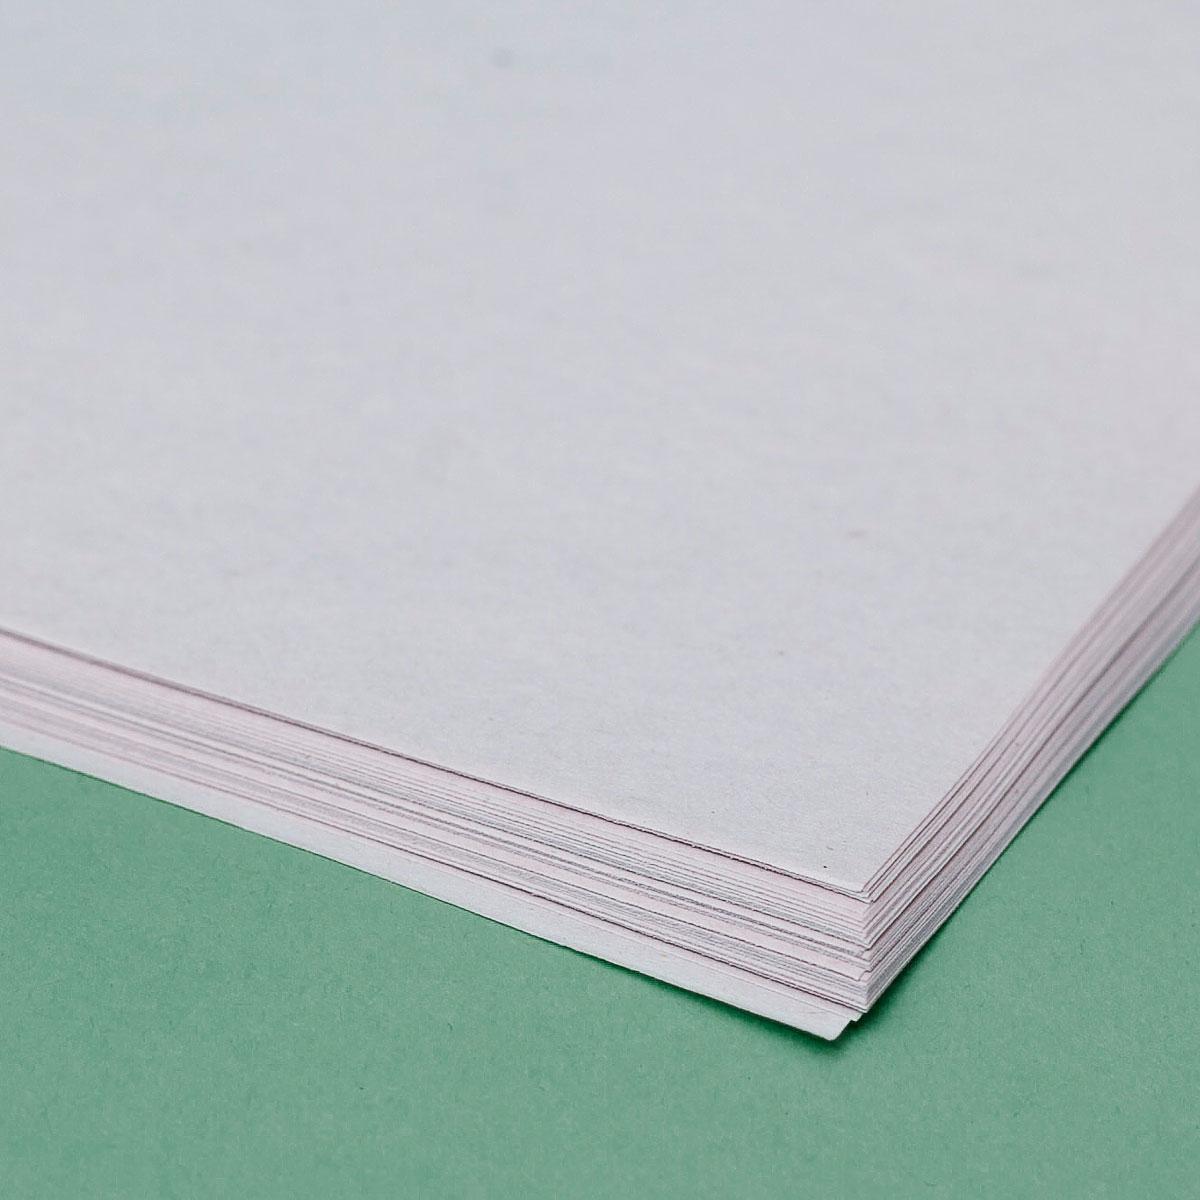 Бумага газетная для печатных изданий 45 гр\м2. Формат А4,А3,А2